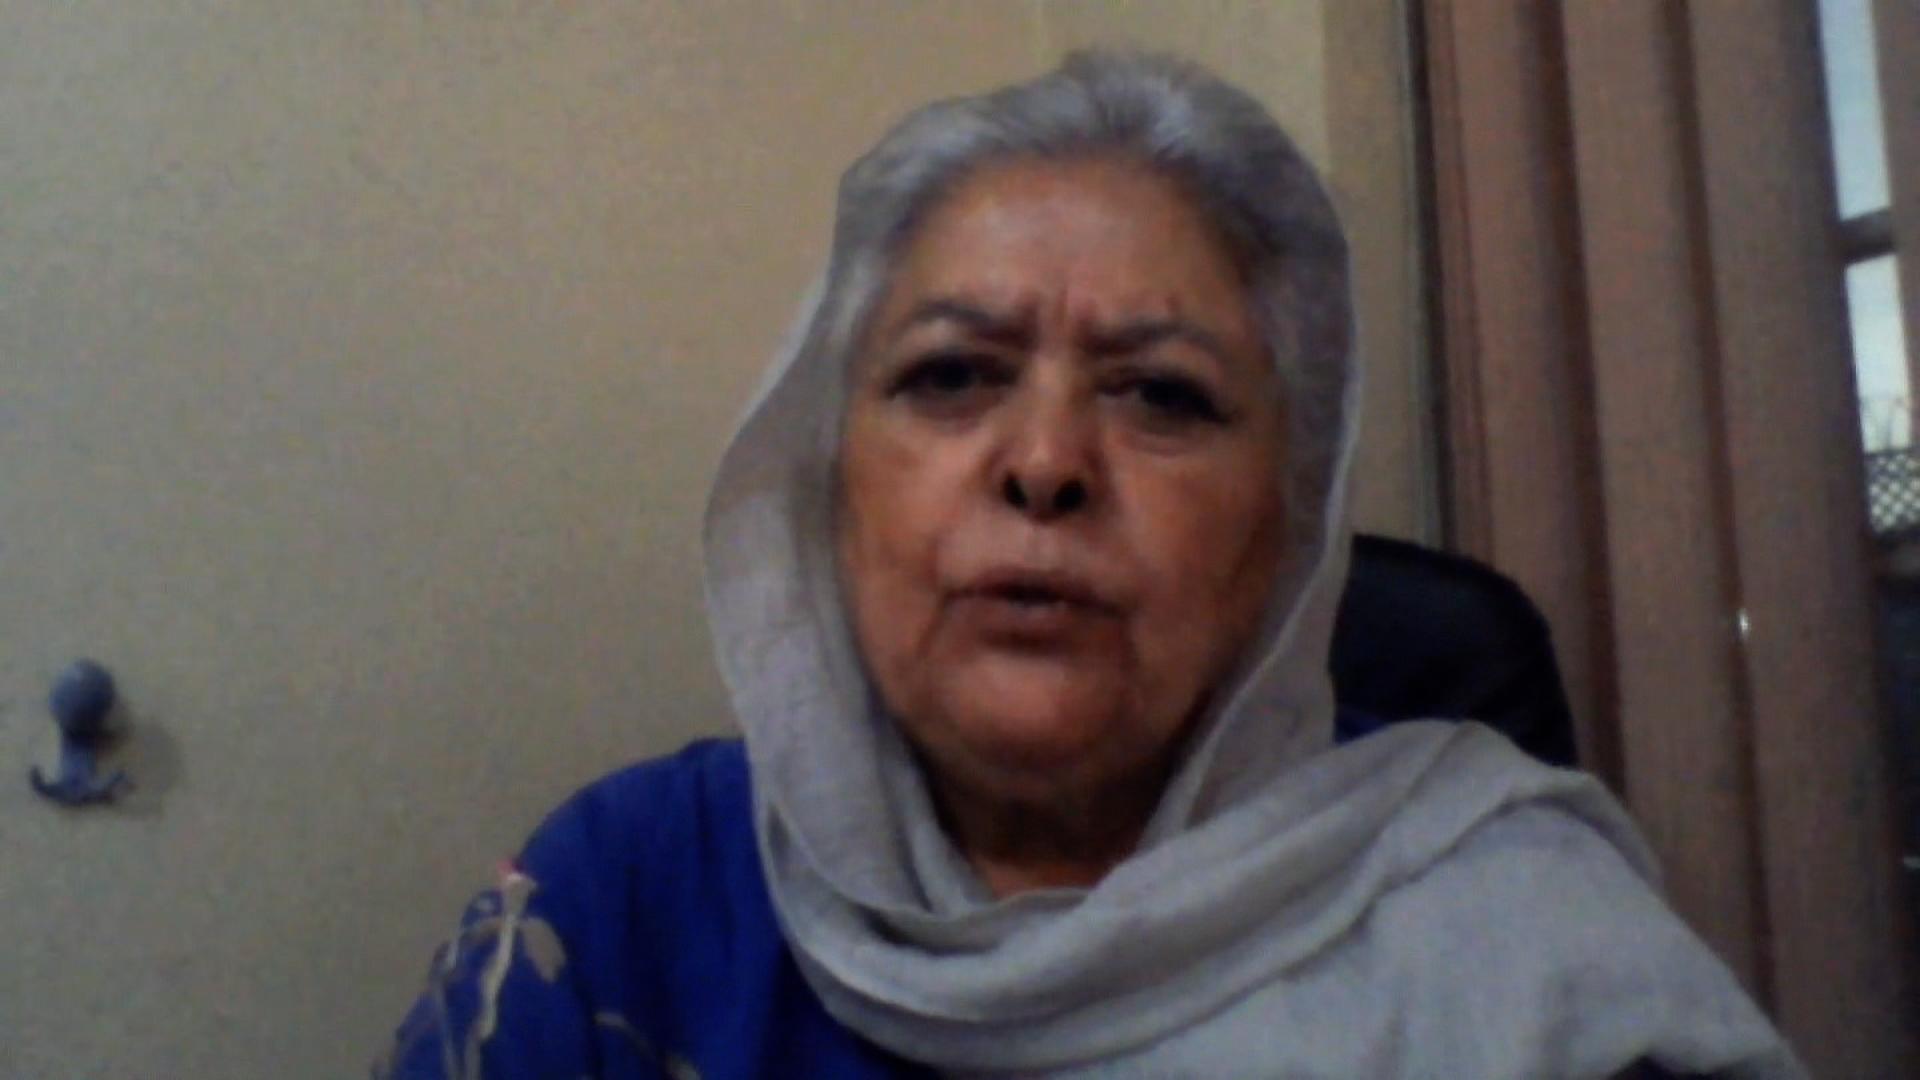 Mahbouba Seraj, women's rights activist, on August 15, 2021.